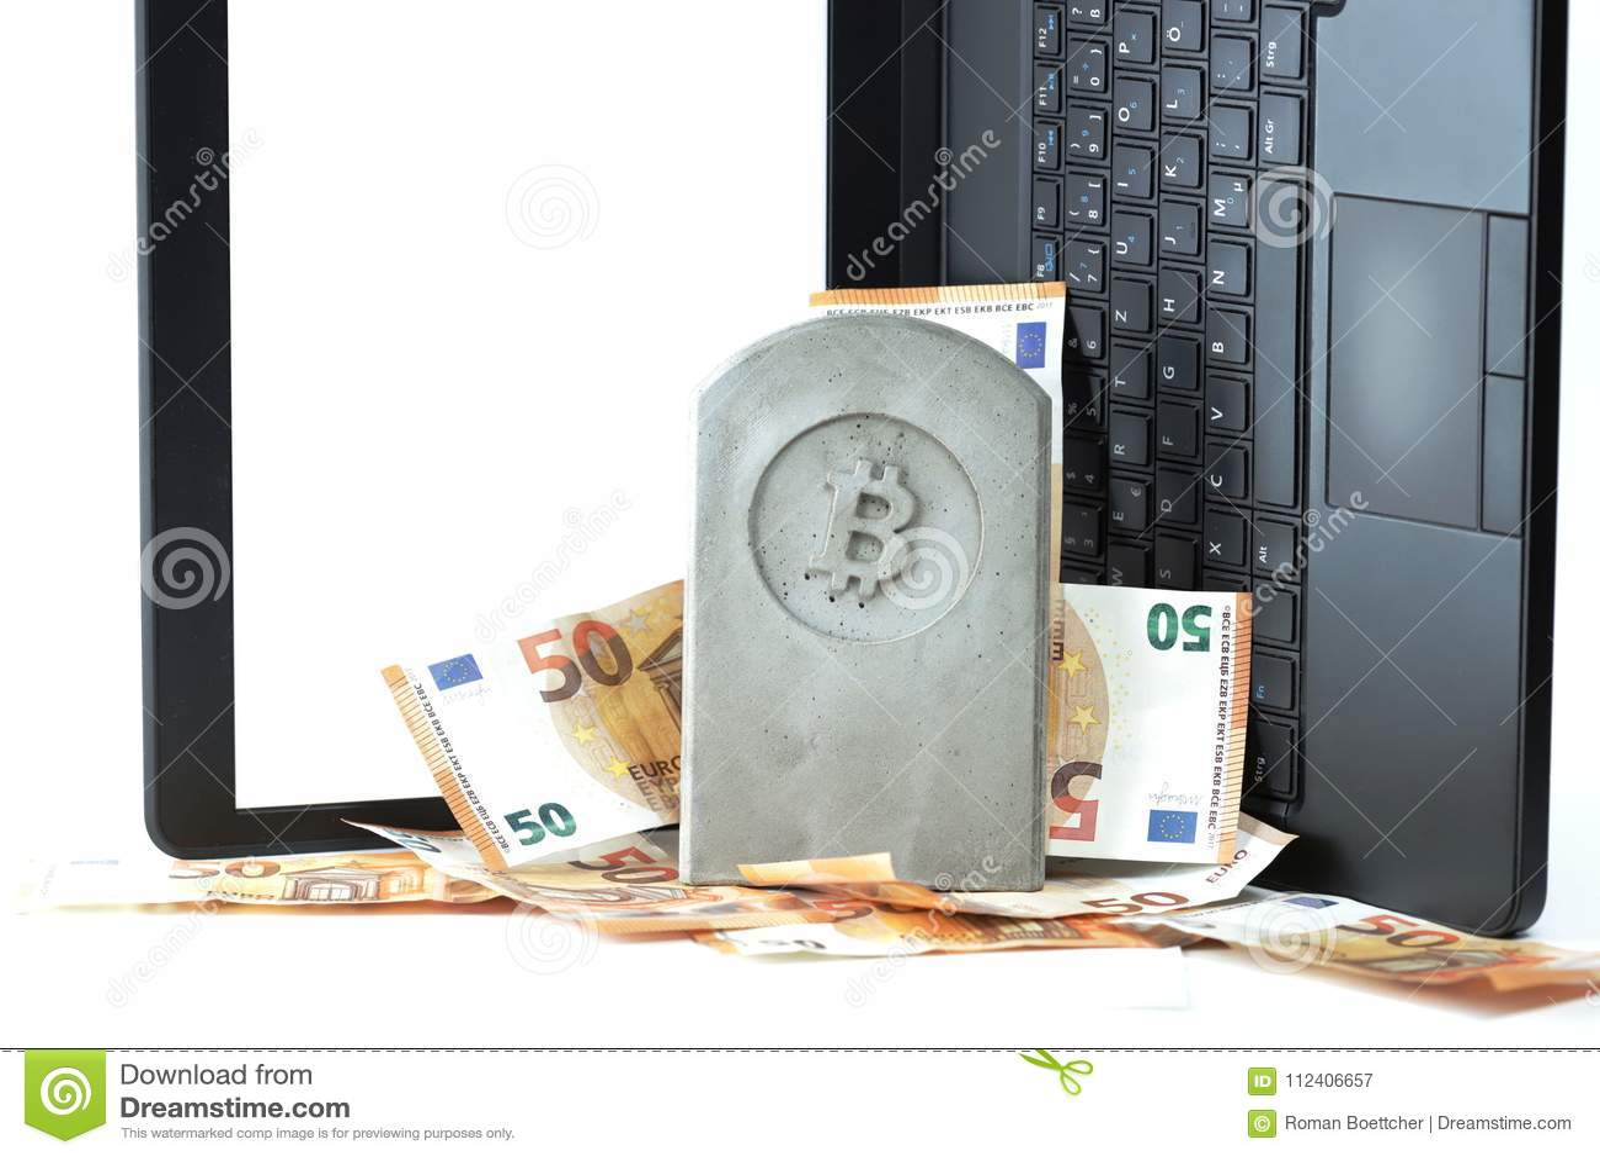 Kamienny zabytek, nagrobek z bitcoin symbolem na stosie banknoty przed notatnikiem/